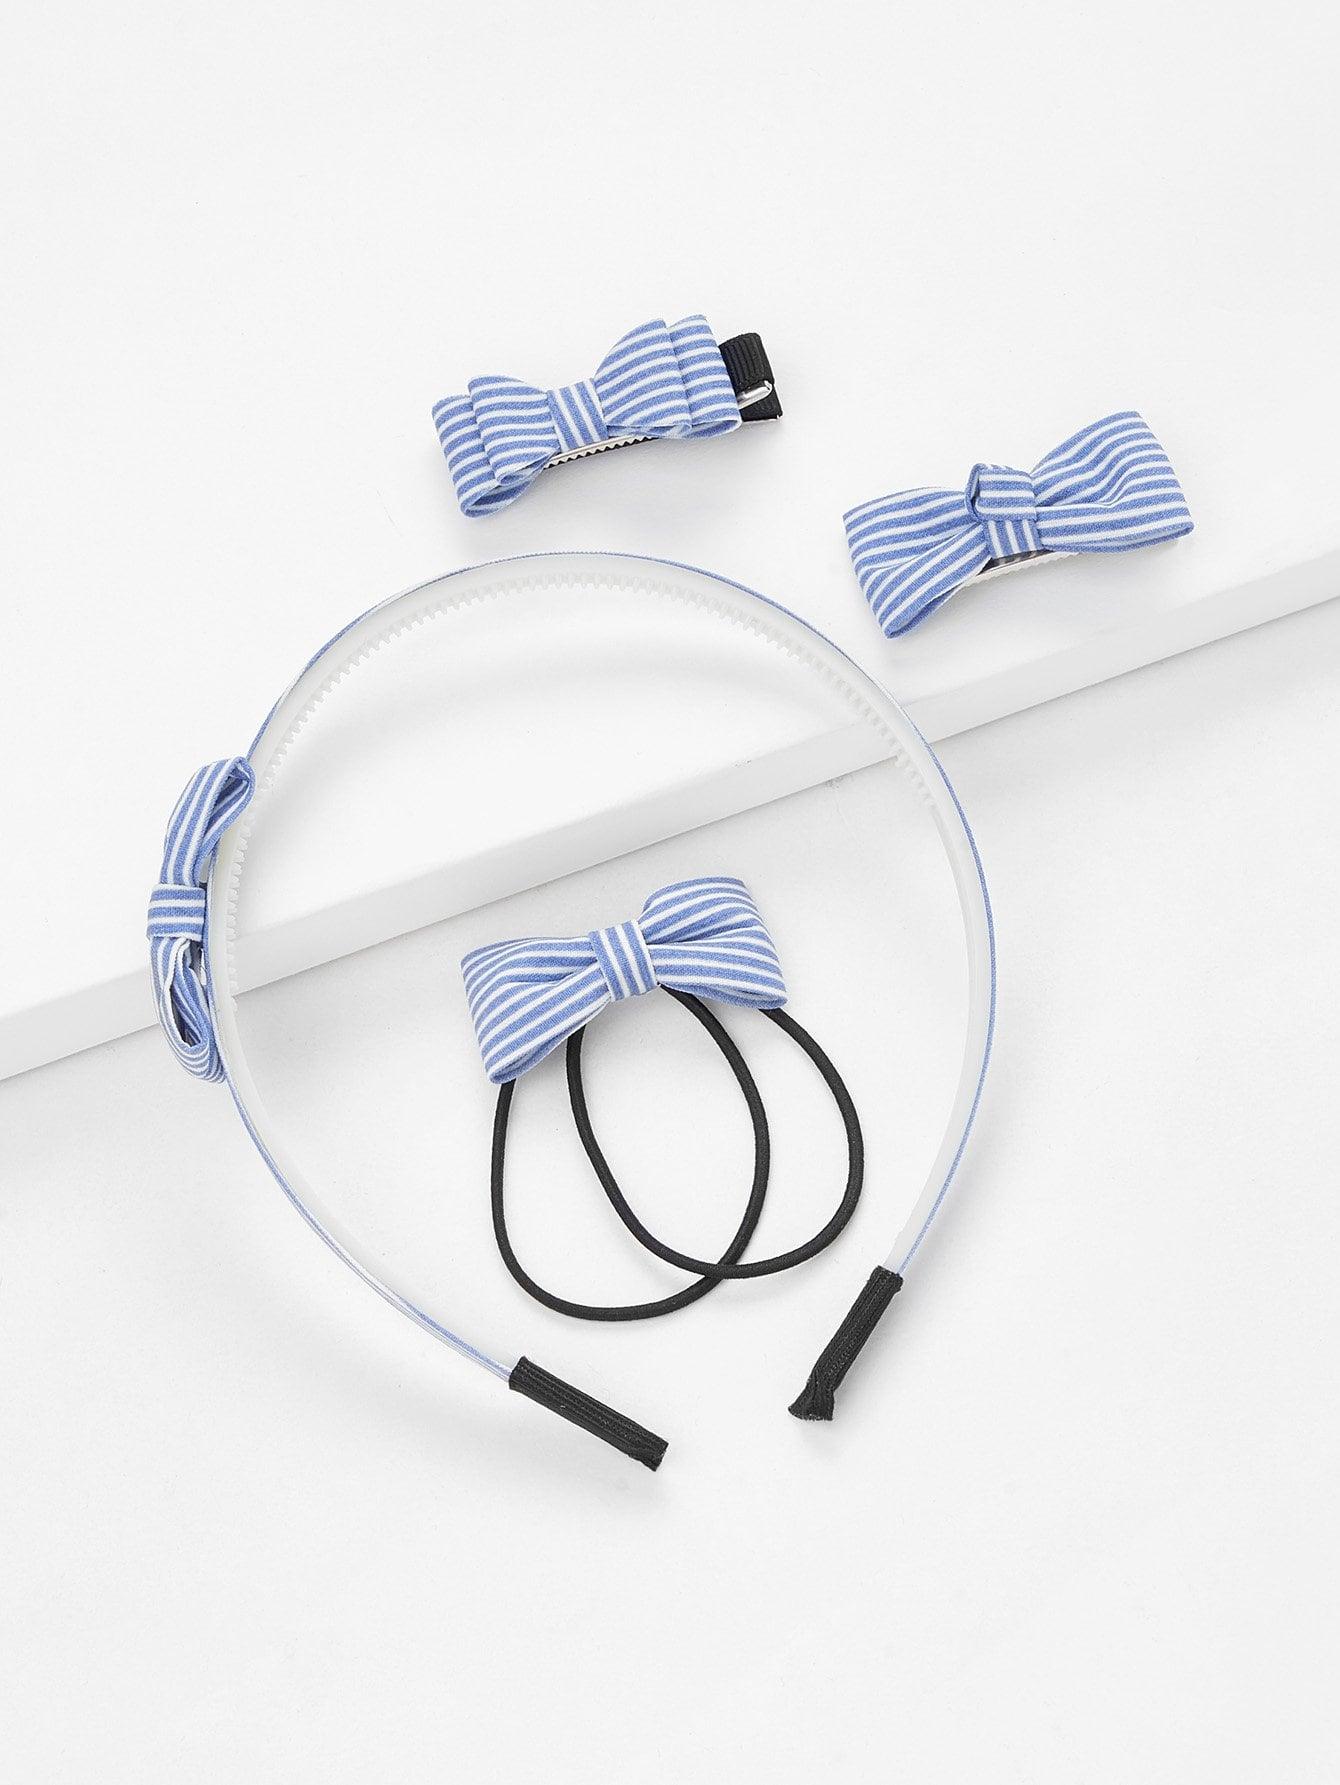 Striped Bow Hair Accessories 5pcs m mism fashion bow knot hair bands cute headband hair accessories ornaments hair hoop for girls kids head wear children